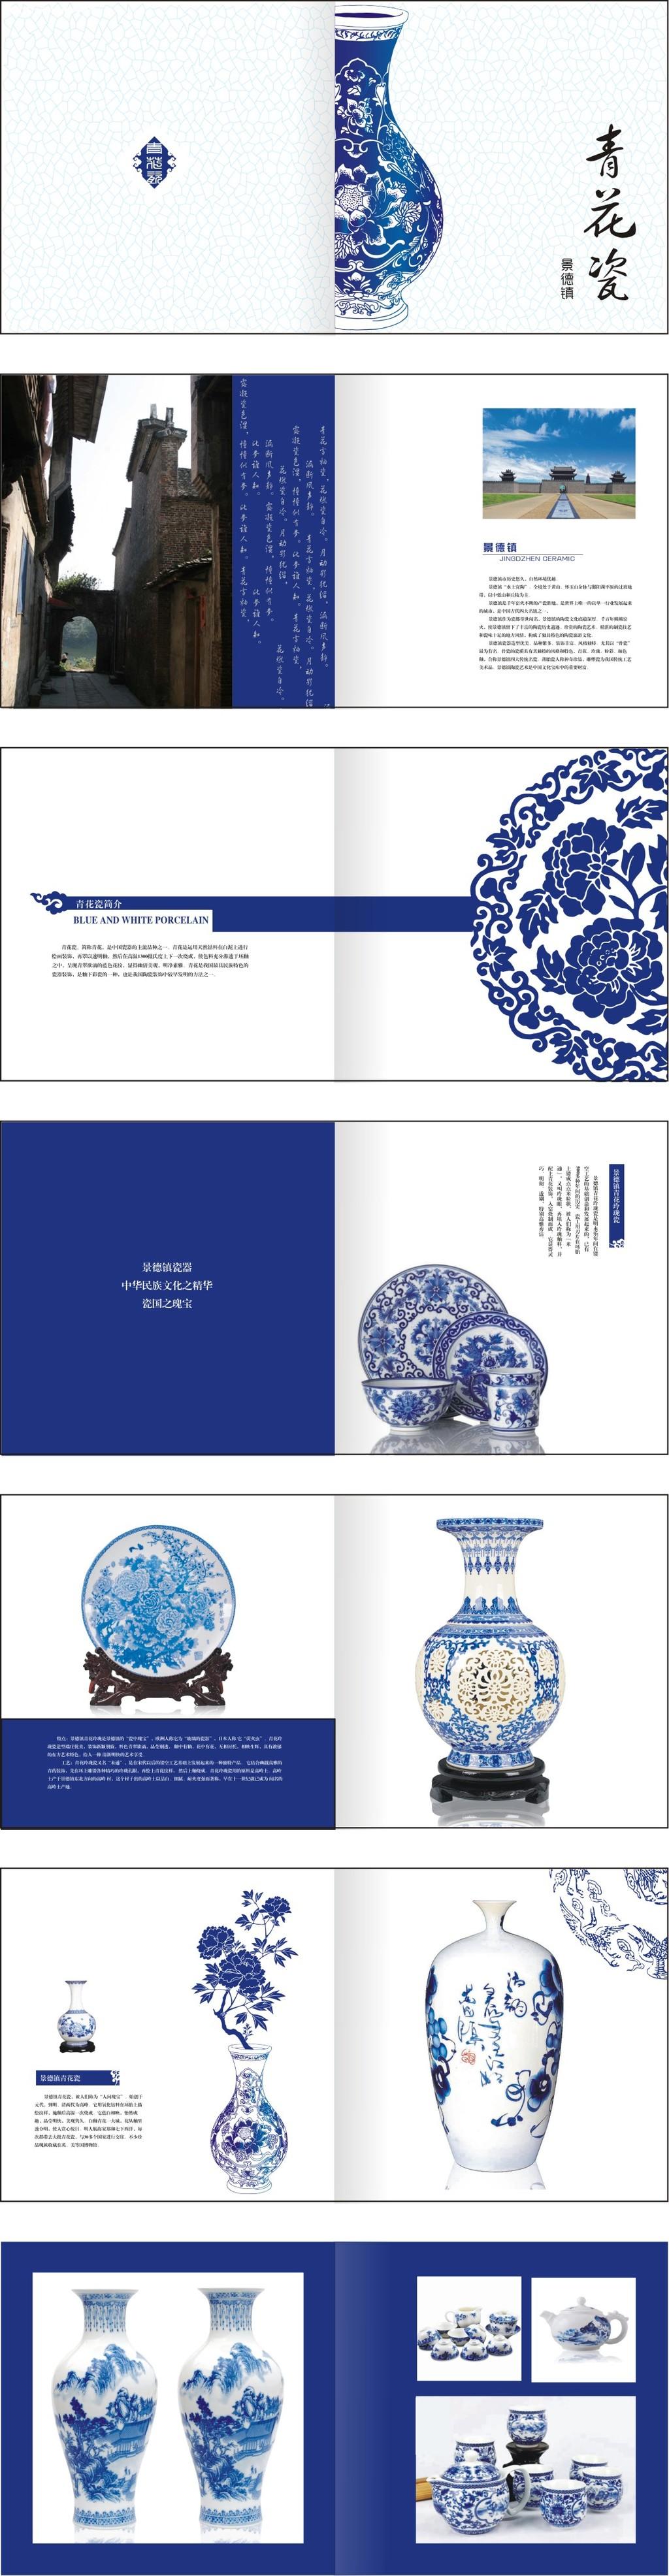 版式 展板 广告设计 宣传广告 版面设计 排版 设计画册 商业广告 海报图片